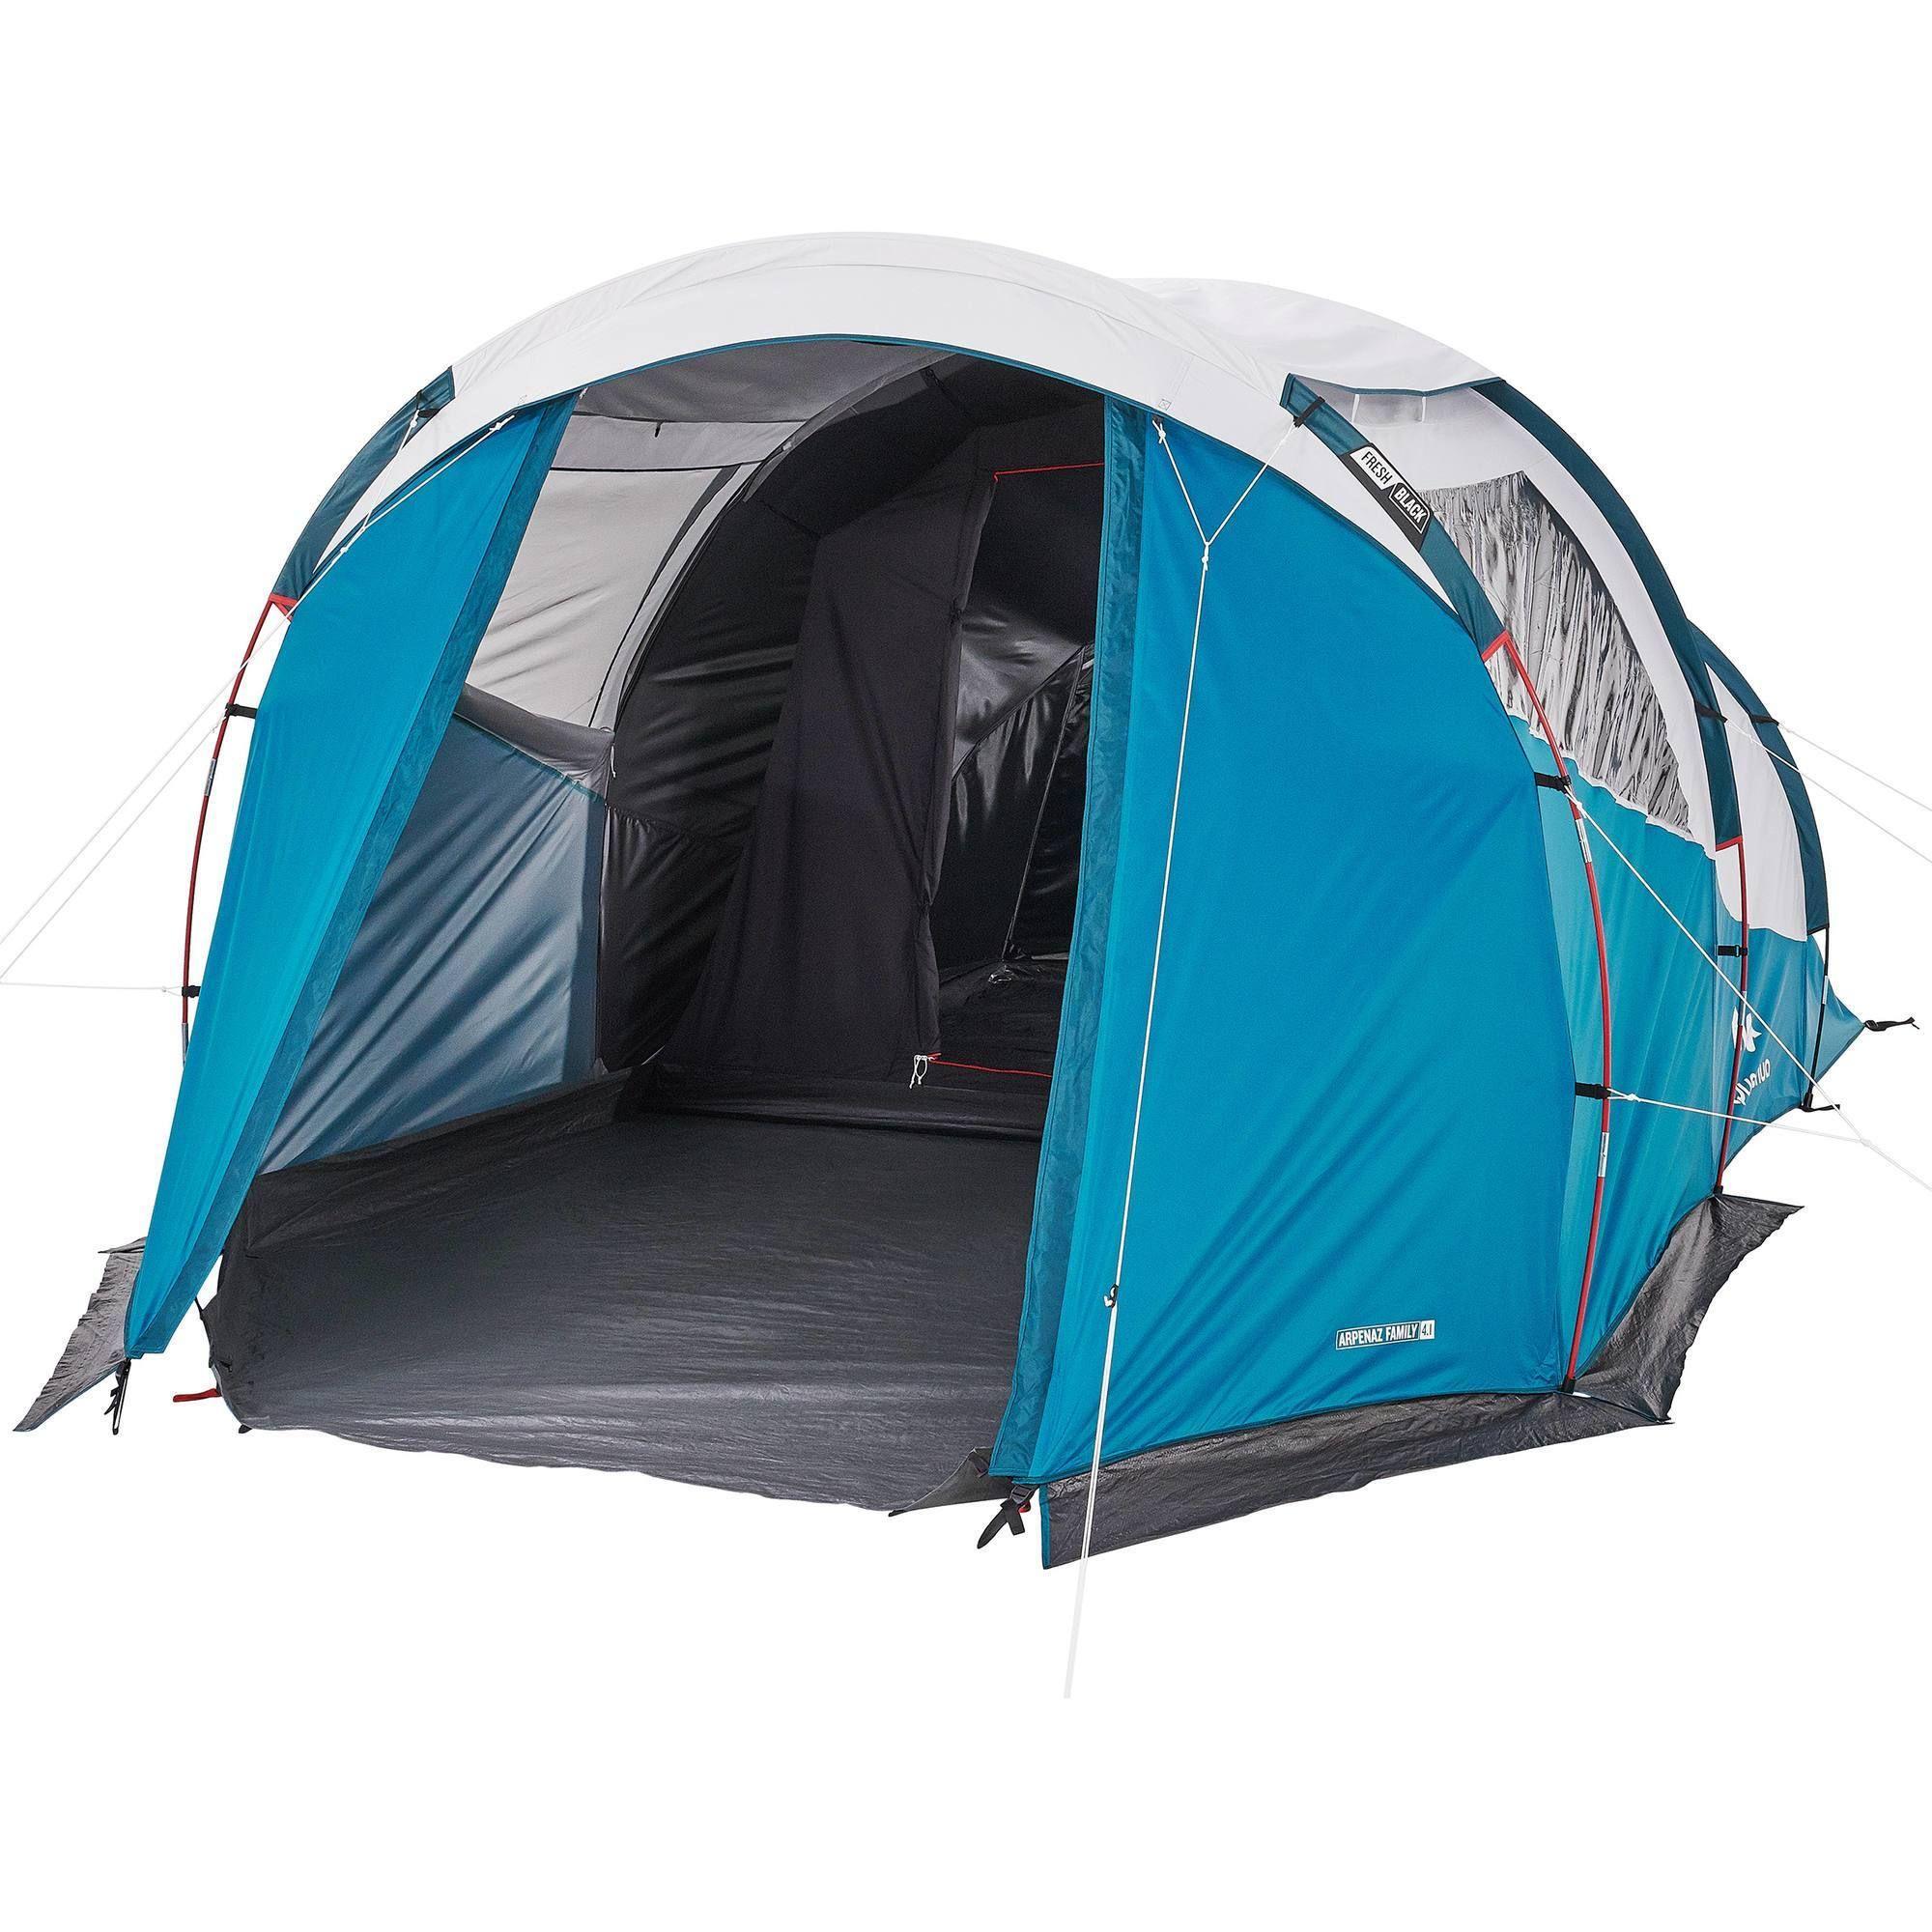 Kampeertent Voor 4 Personen Arpenaz 4 1 F B 1 Slaapcompartiment Kamperen Met De Tent Tent Persoonlijkheid